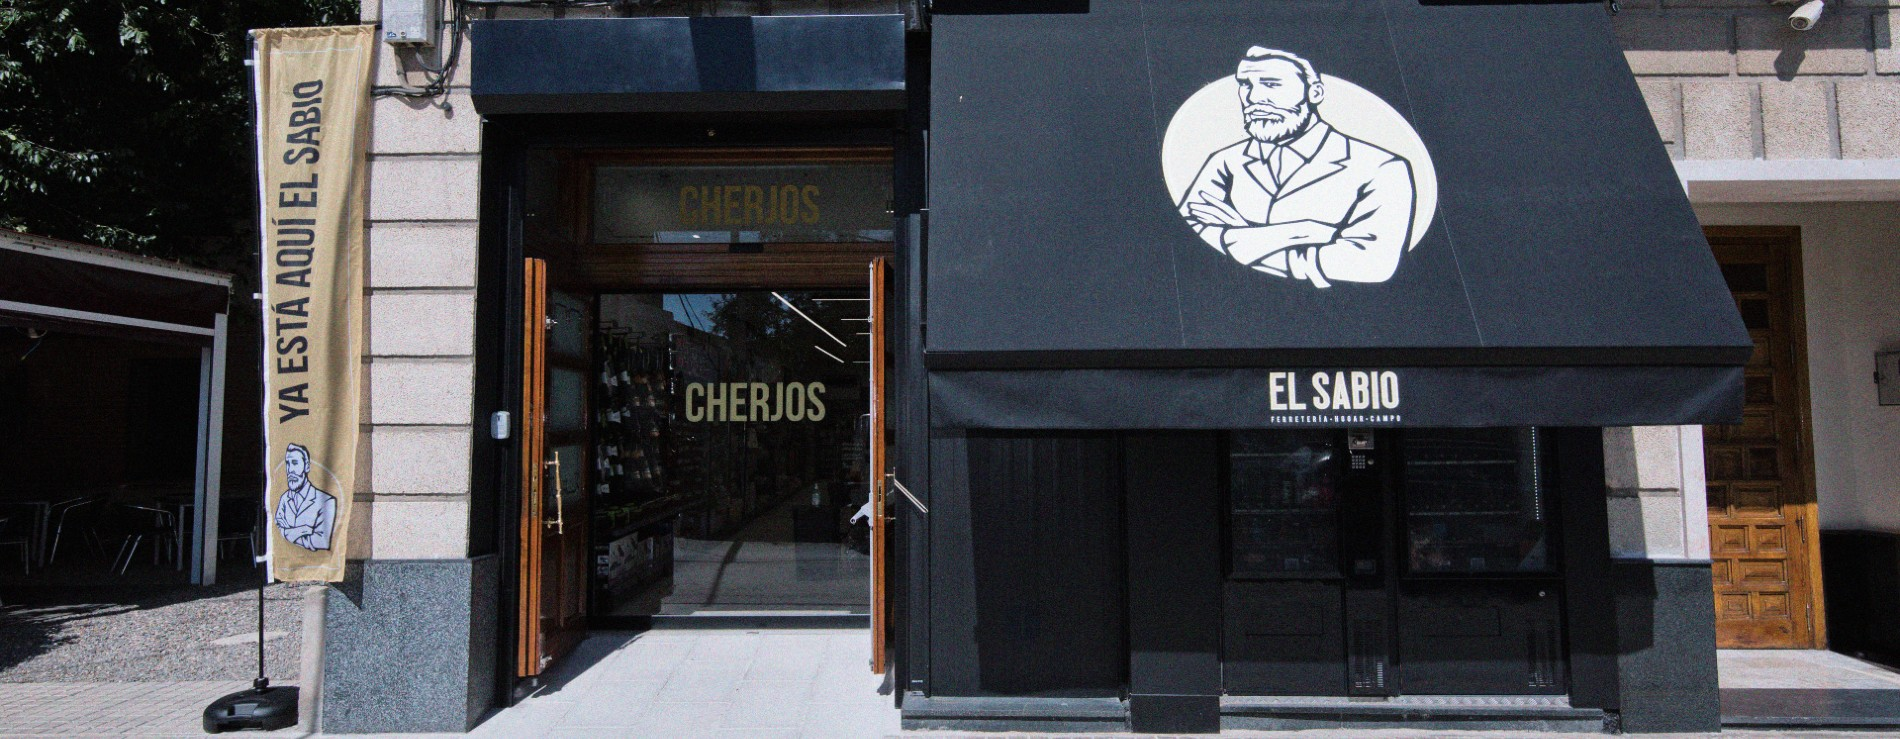 La cadena de ferreterías El Sabio continúa con su plan de expansión y abre su primera tienda en Castilla-La Mancha: El Sabio Cherjos